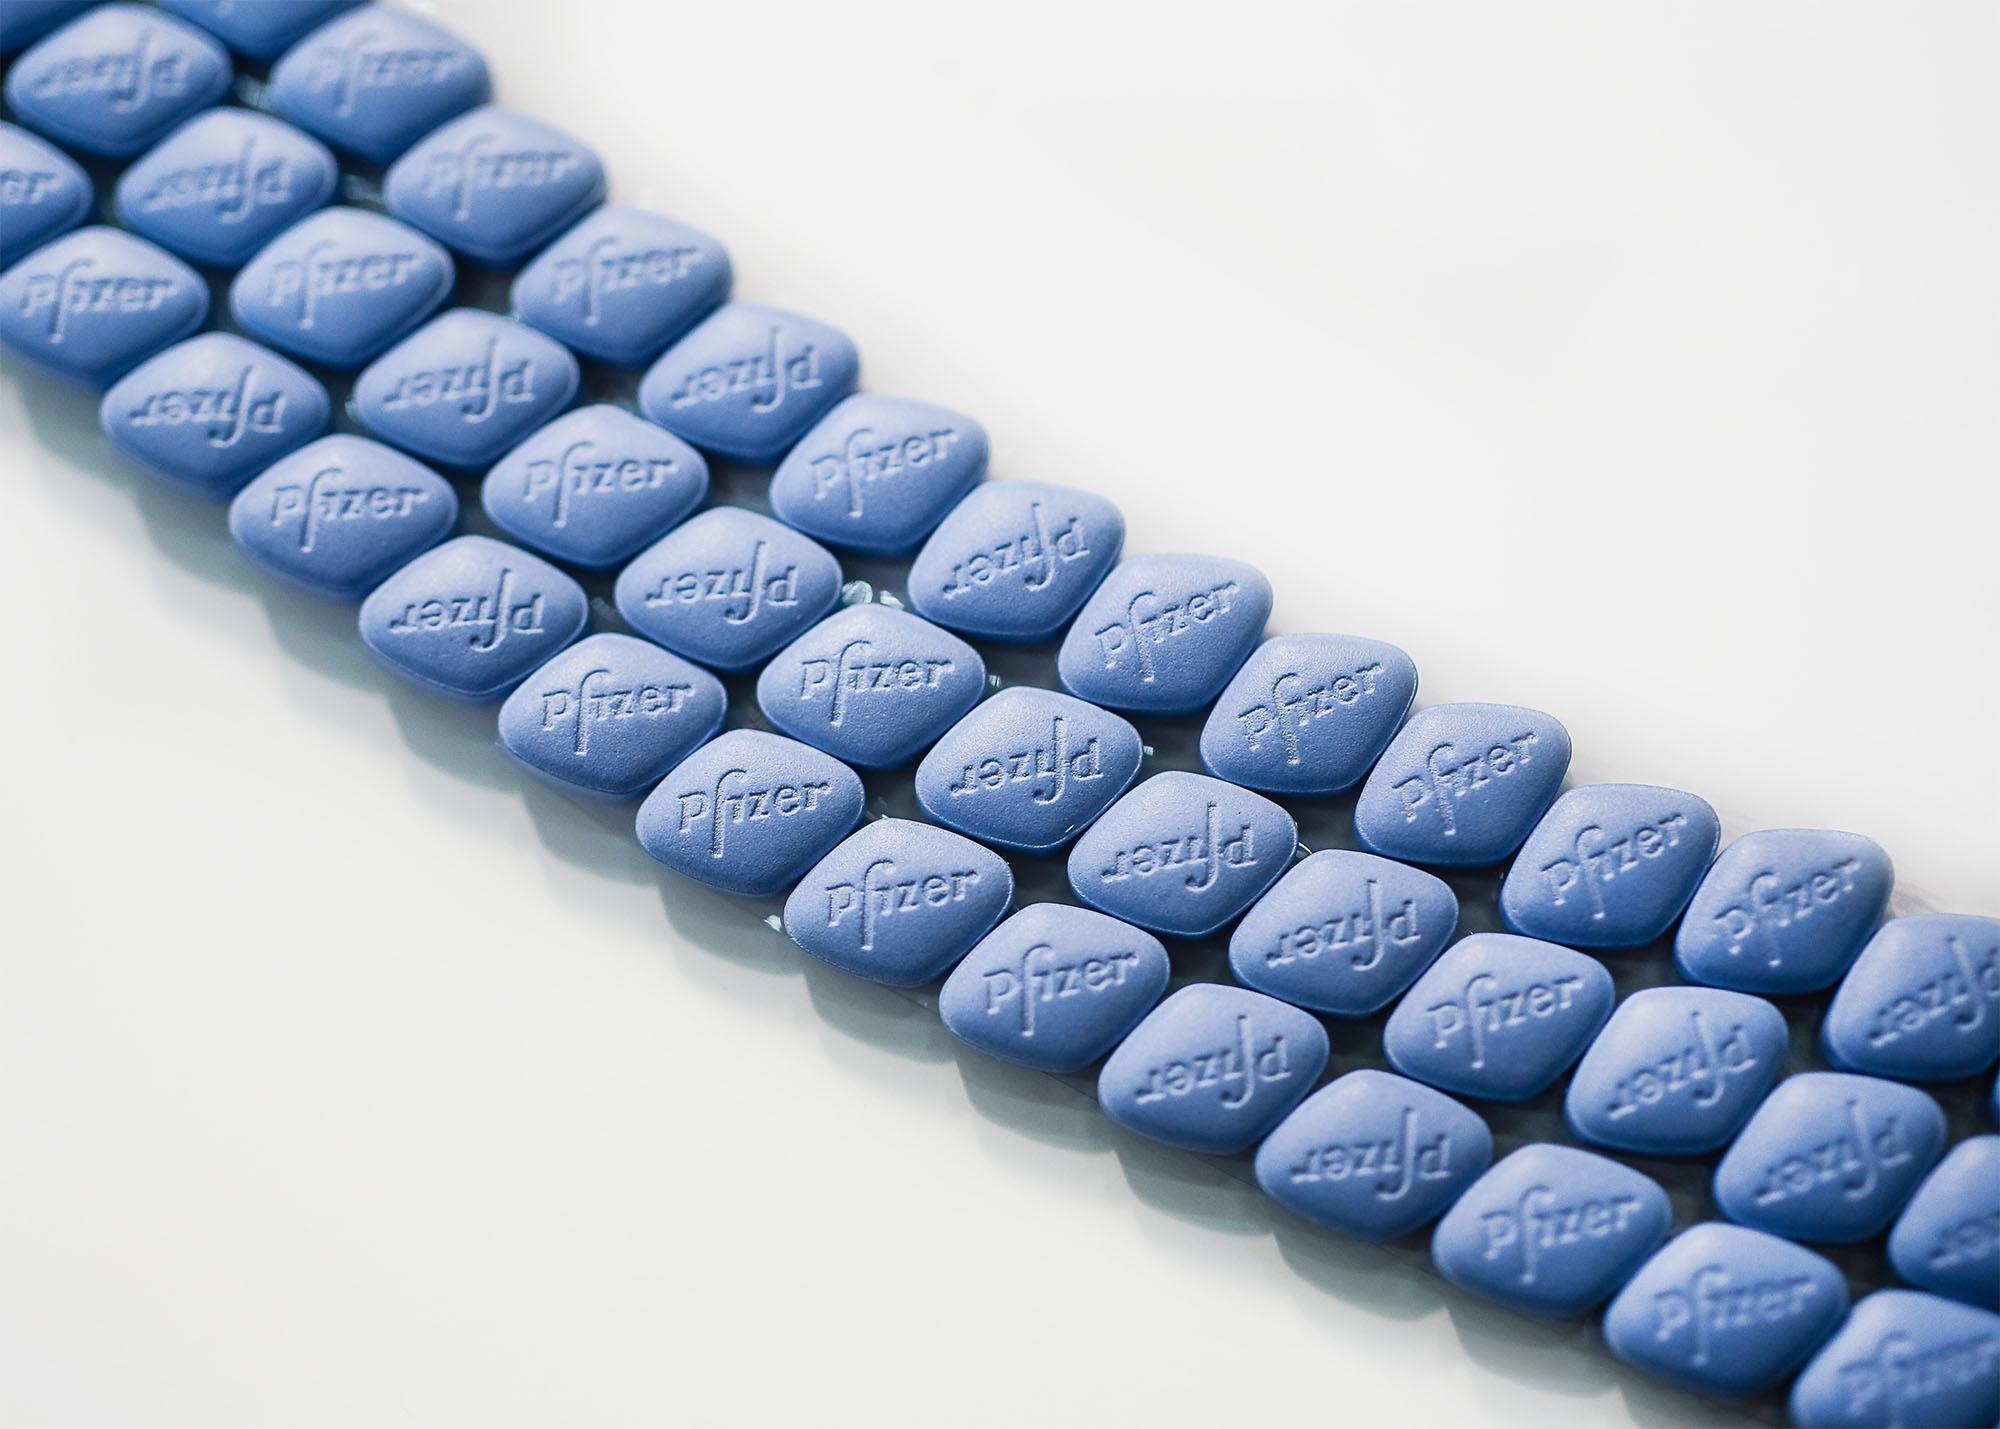 Viagra -Pfizer